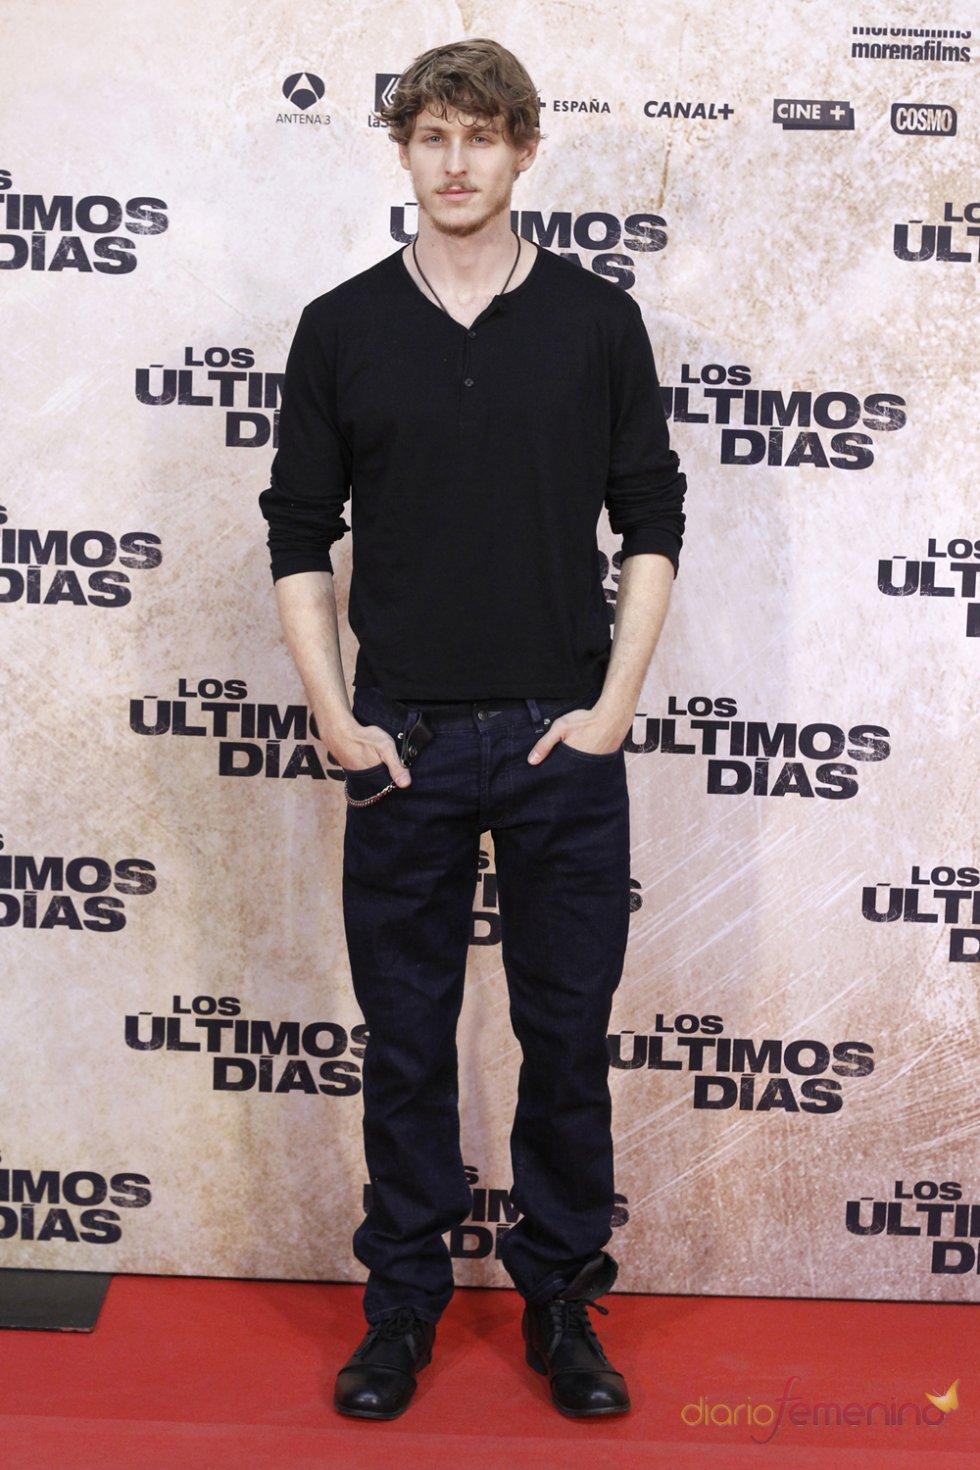 El actor Nicolás Coronado en la premiere de 'Los últimos días'